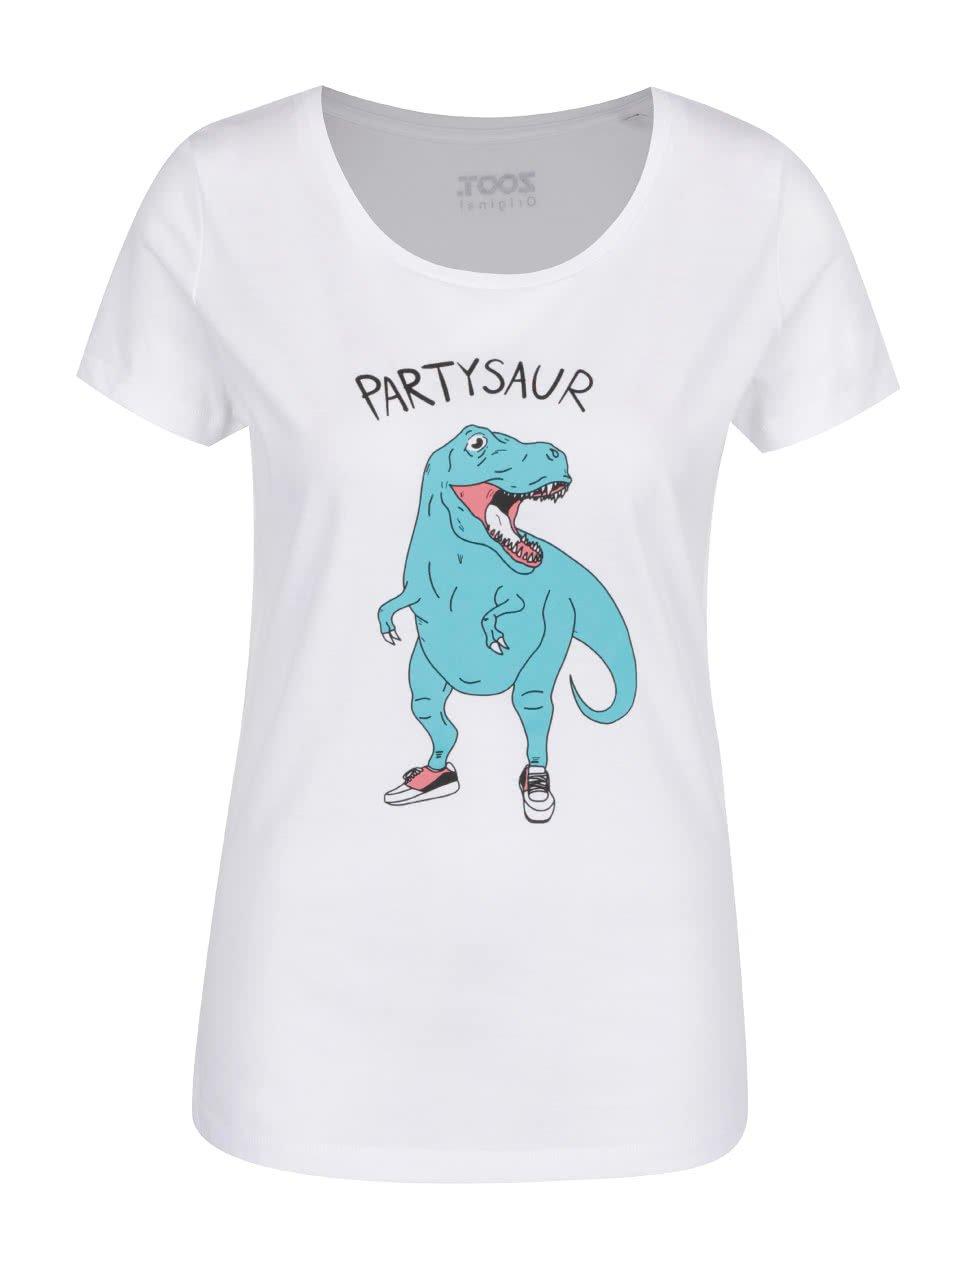 Bílé dámské triko ZOOT Originál Partysaur